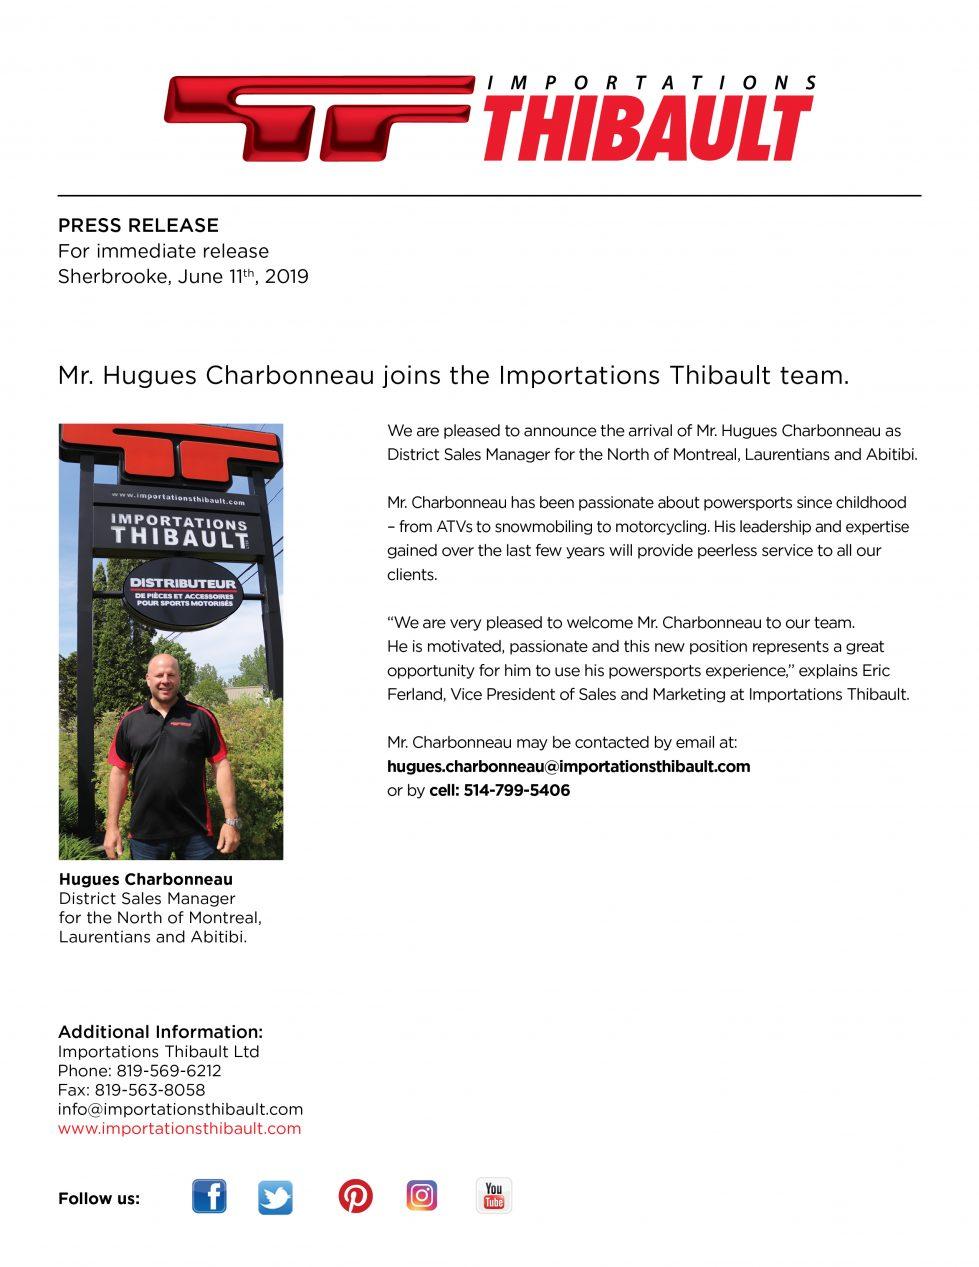 Mr. Hugues Charbonneau joins the Importations Thibault team.